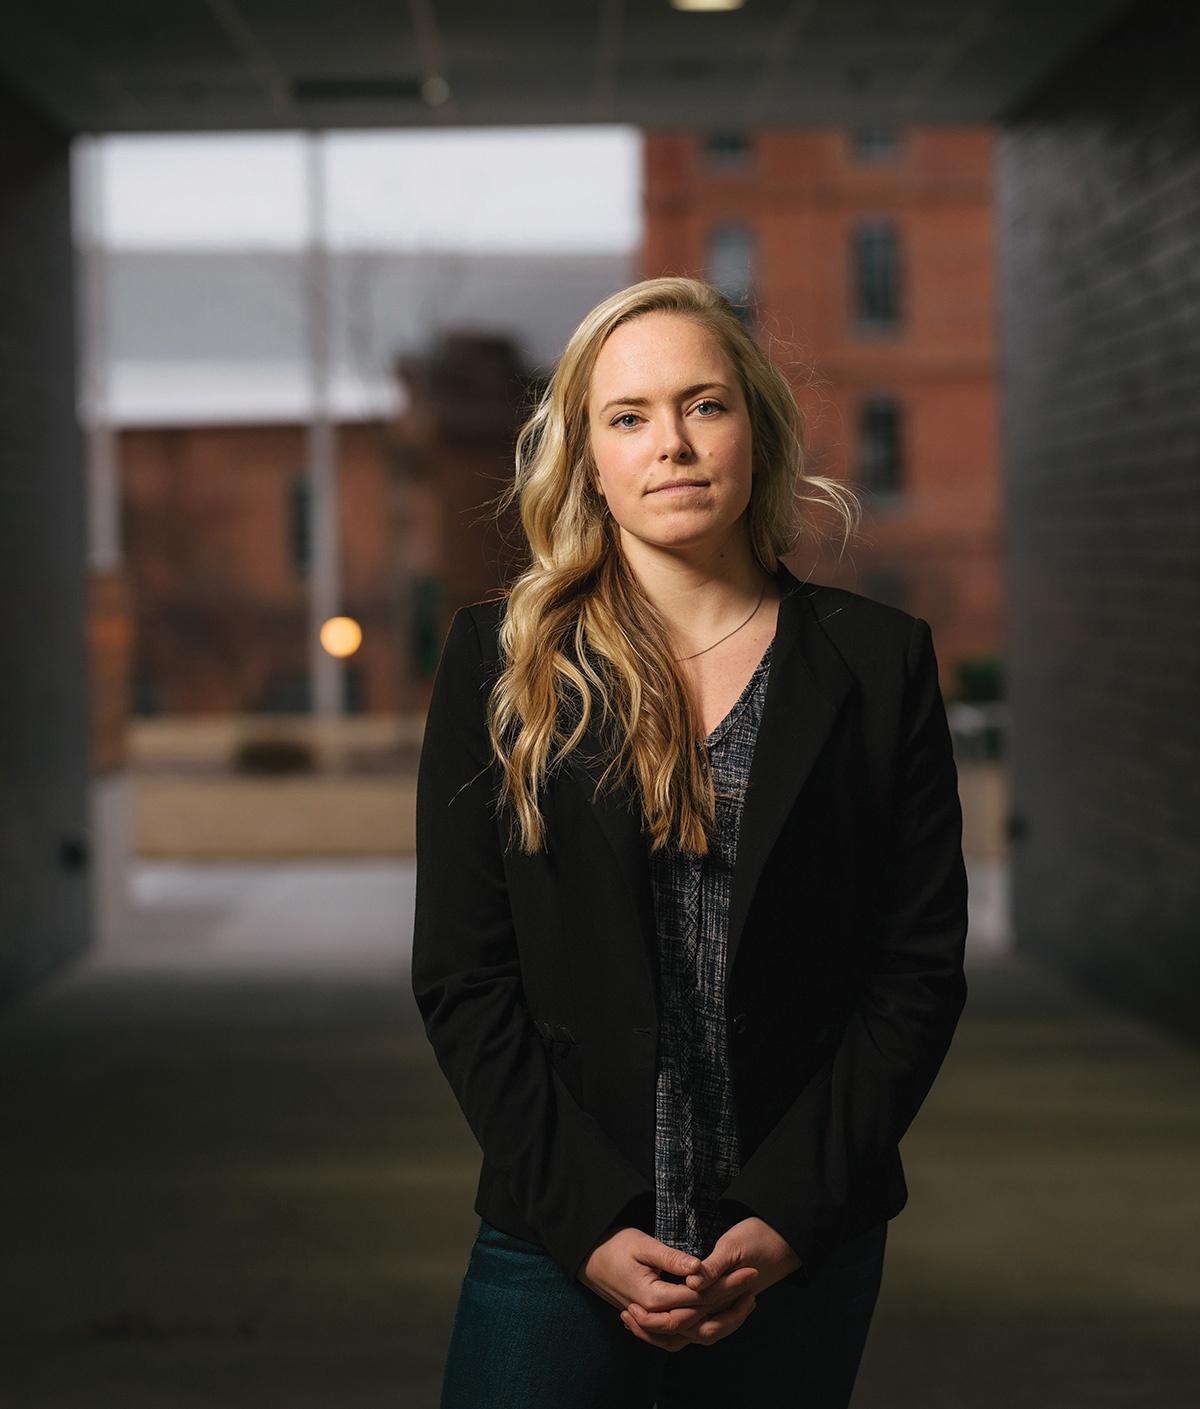 Photograph of Tori Kinamon.